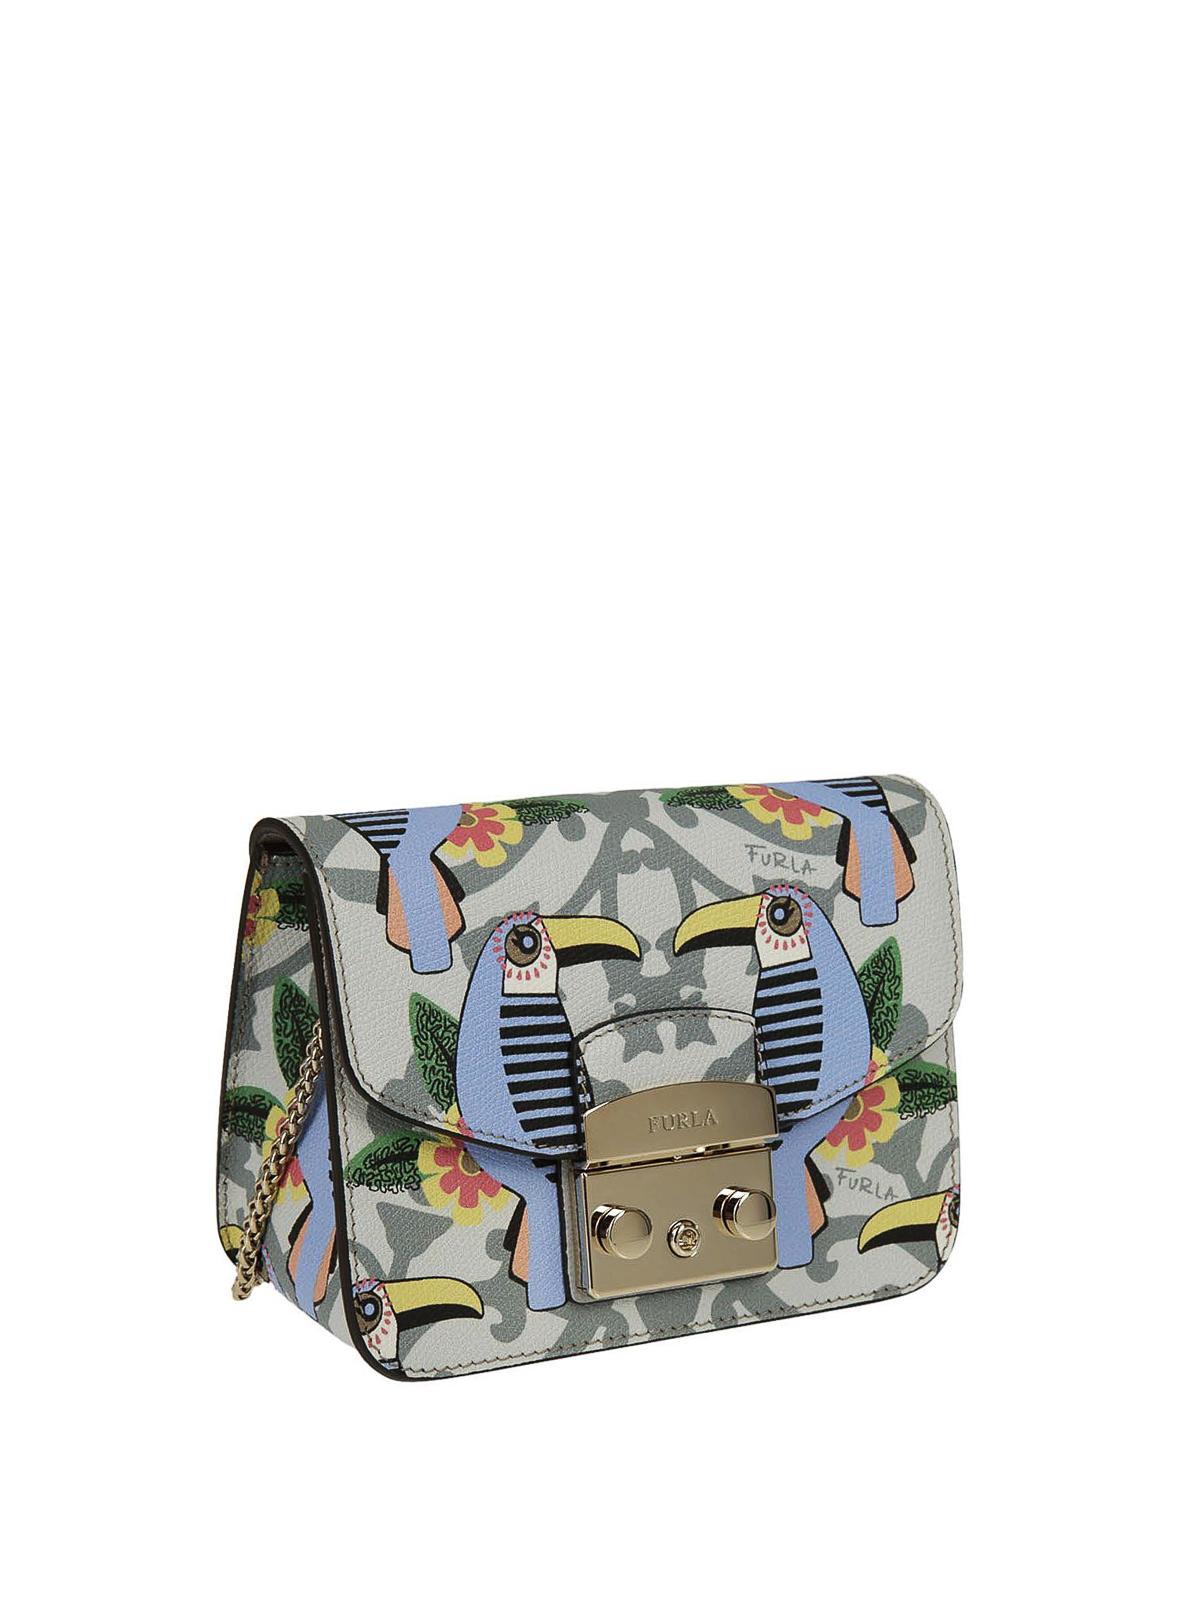 Furla Metropolis Mini Toucan Print Bag Cross Body Bags 920319 Online